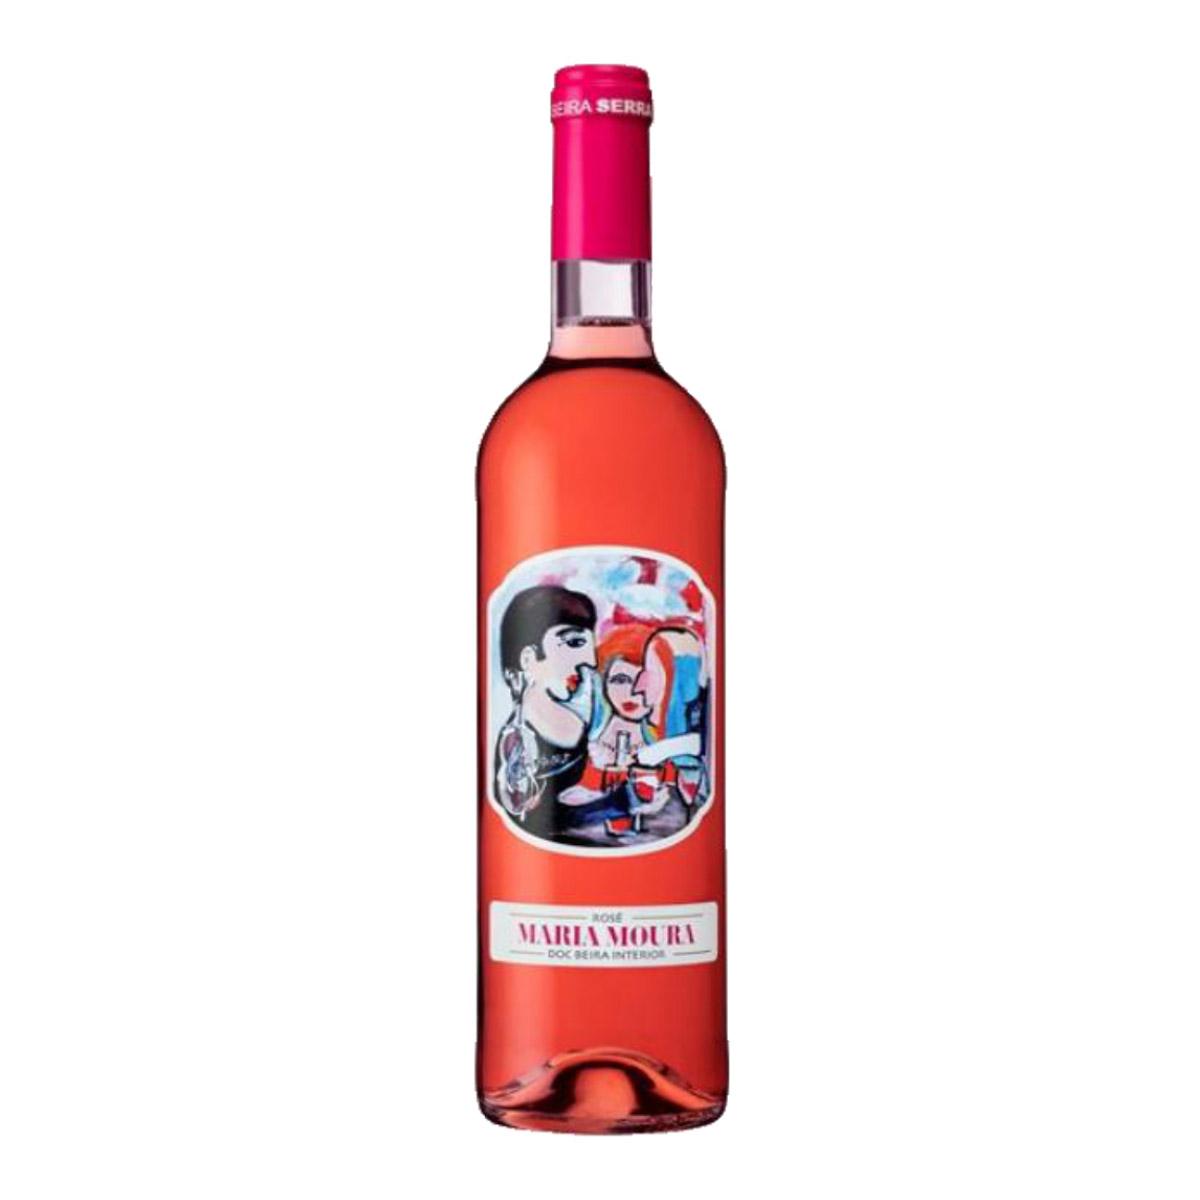 葡萄牙Maria Moura DOC 2018干桃红葡萄酒